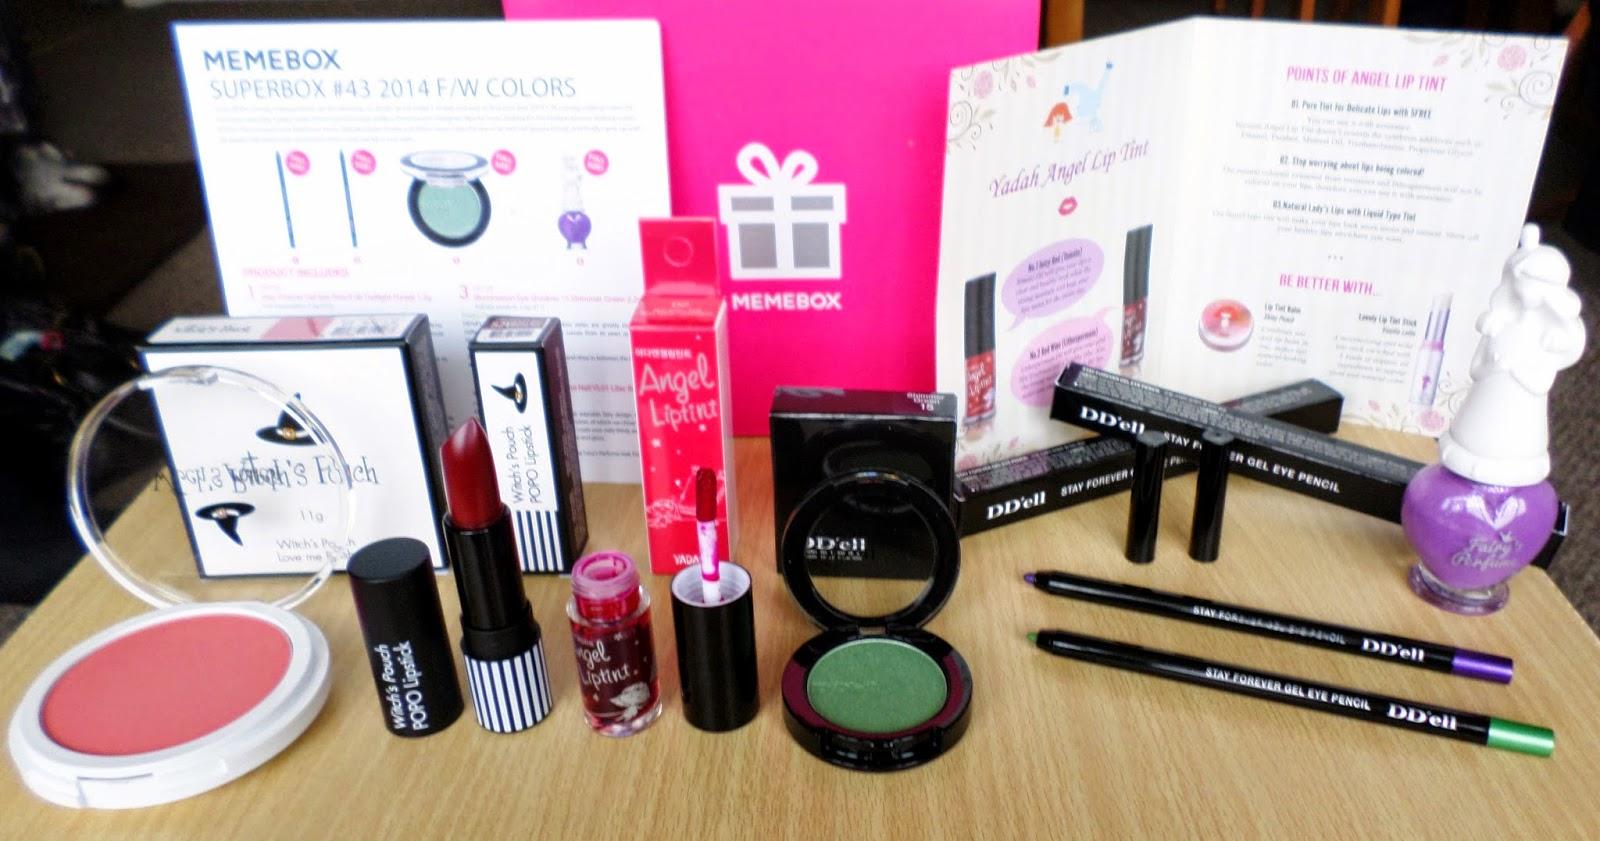 MEME Makeup Superbox #43 2014 FW Colors